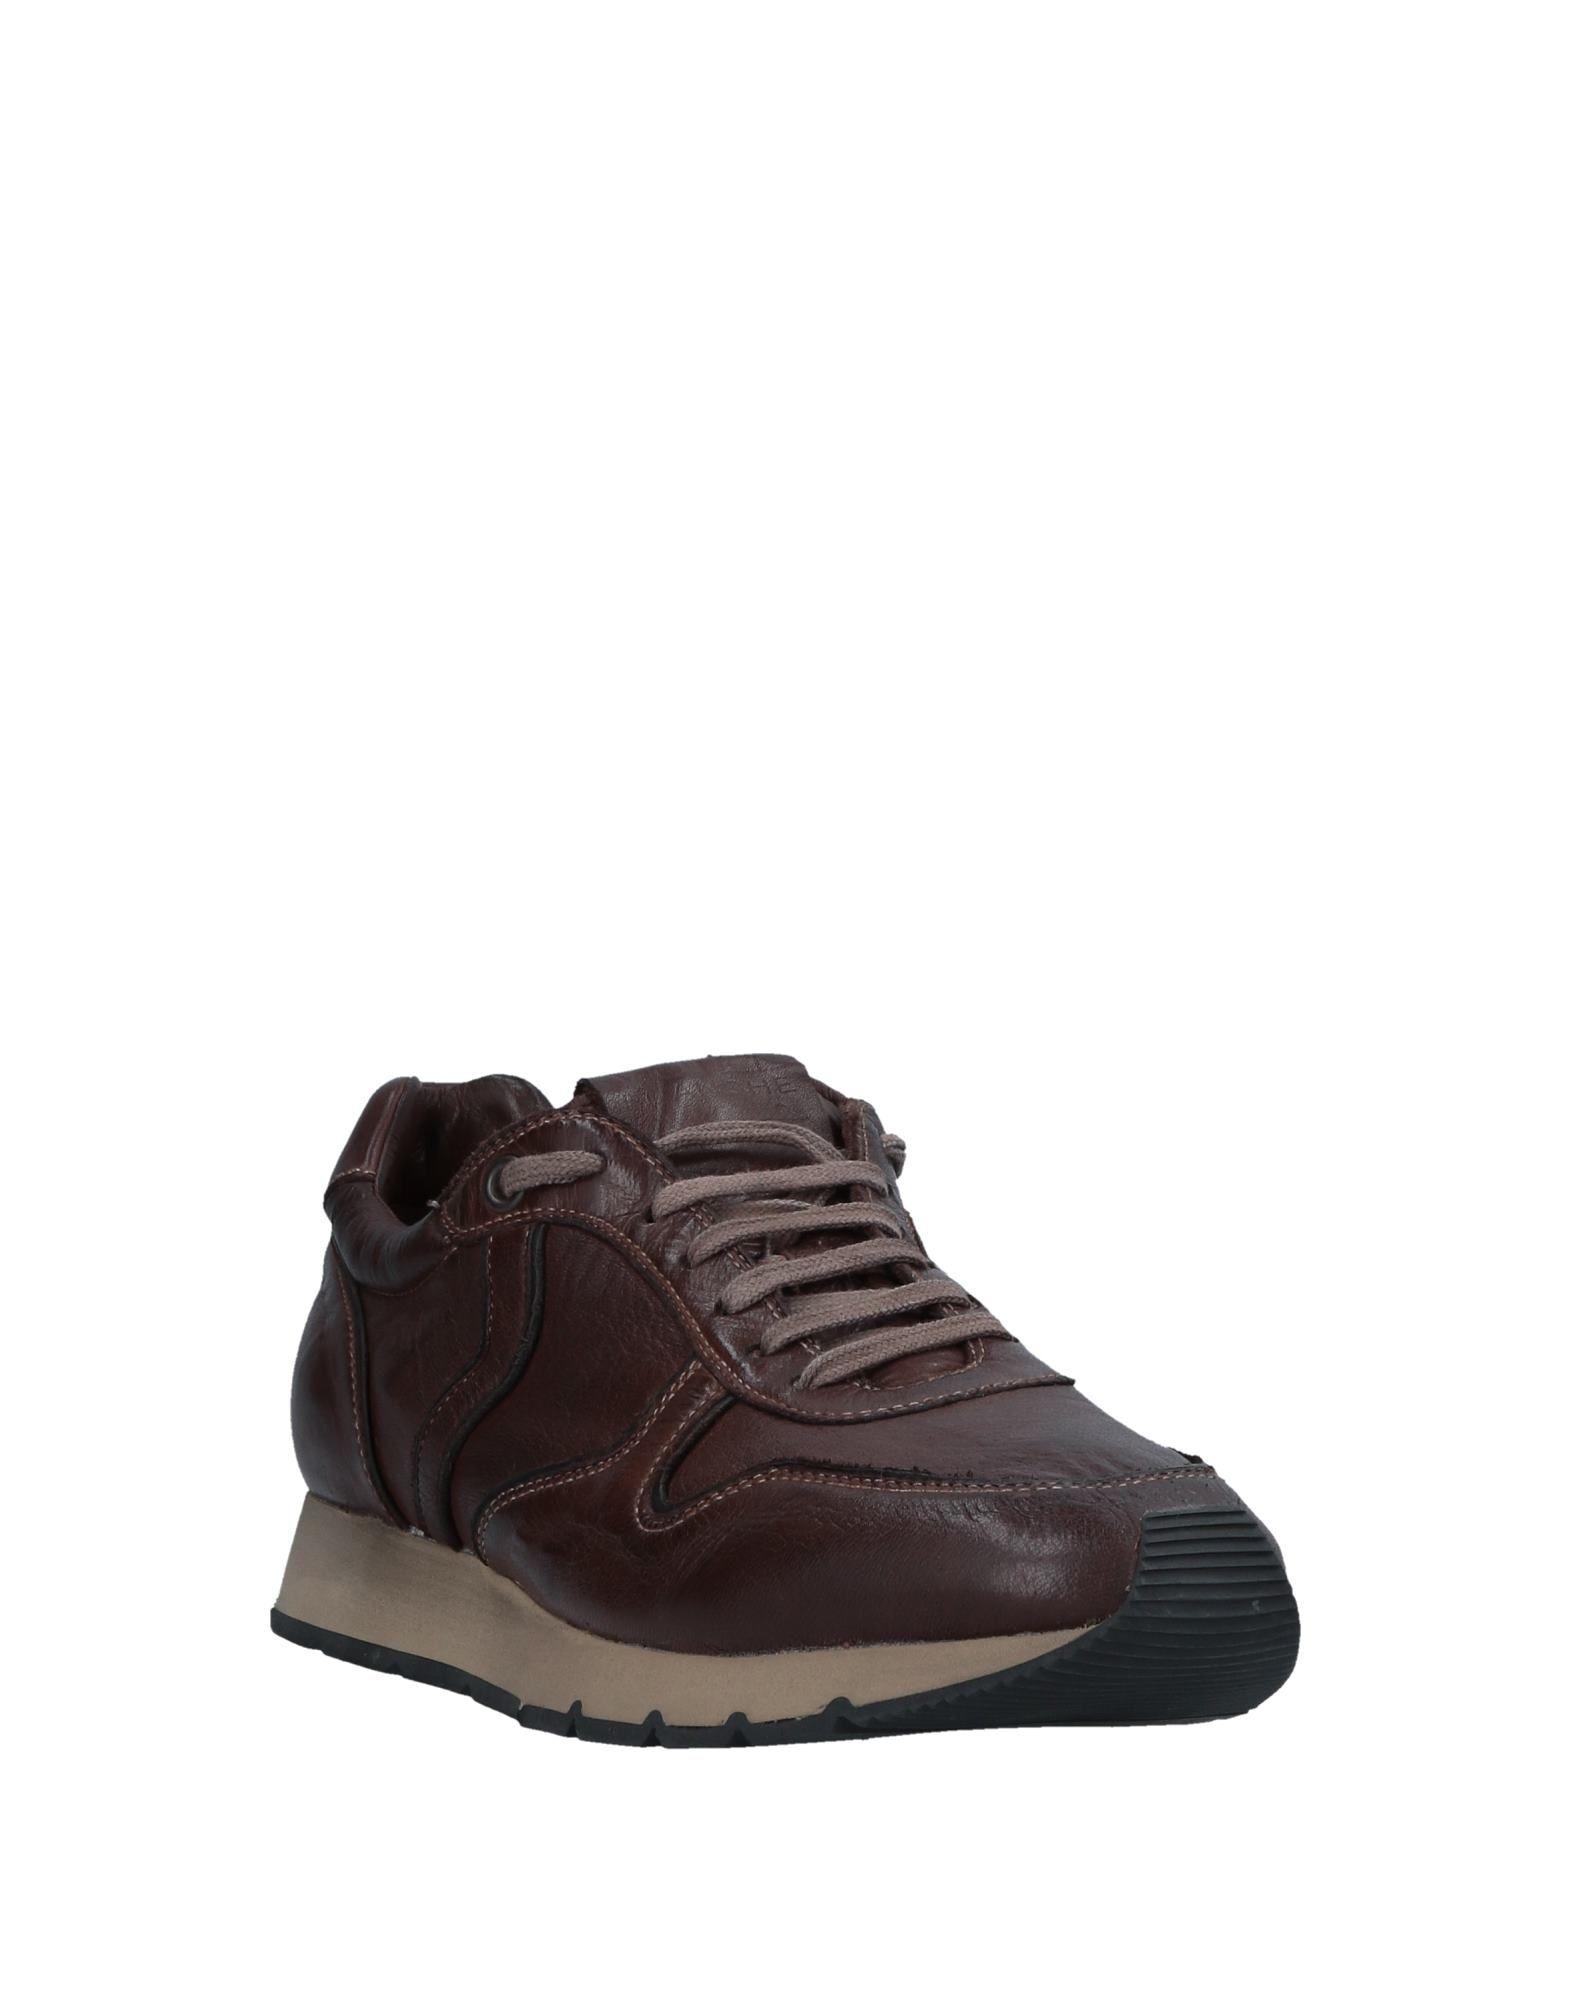 Voile Blanche Sneakers Herren Herren Sneakers  11527681BV 0fc70d